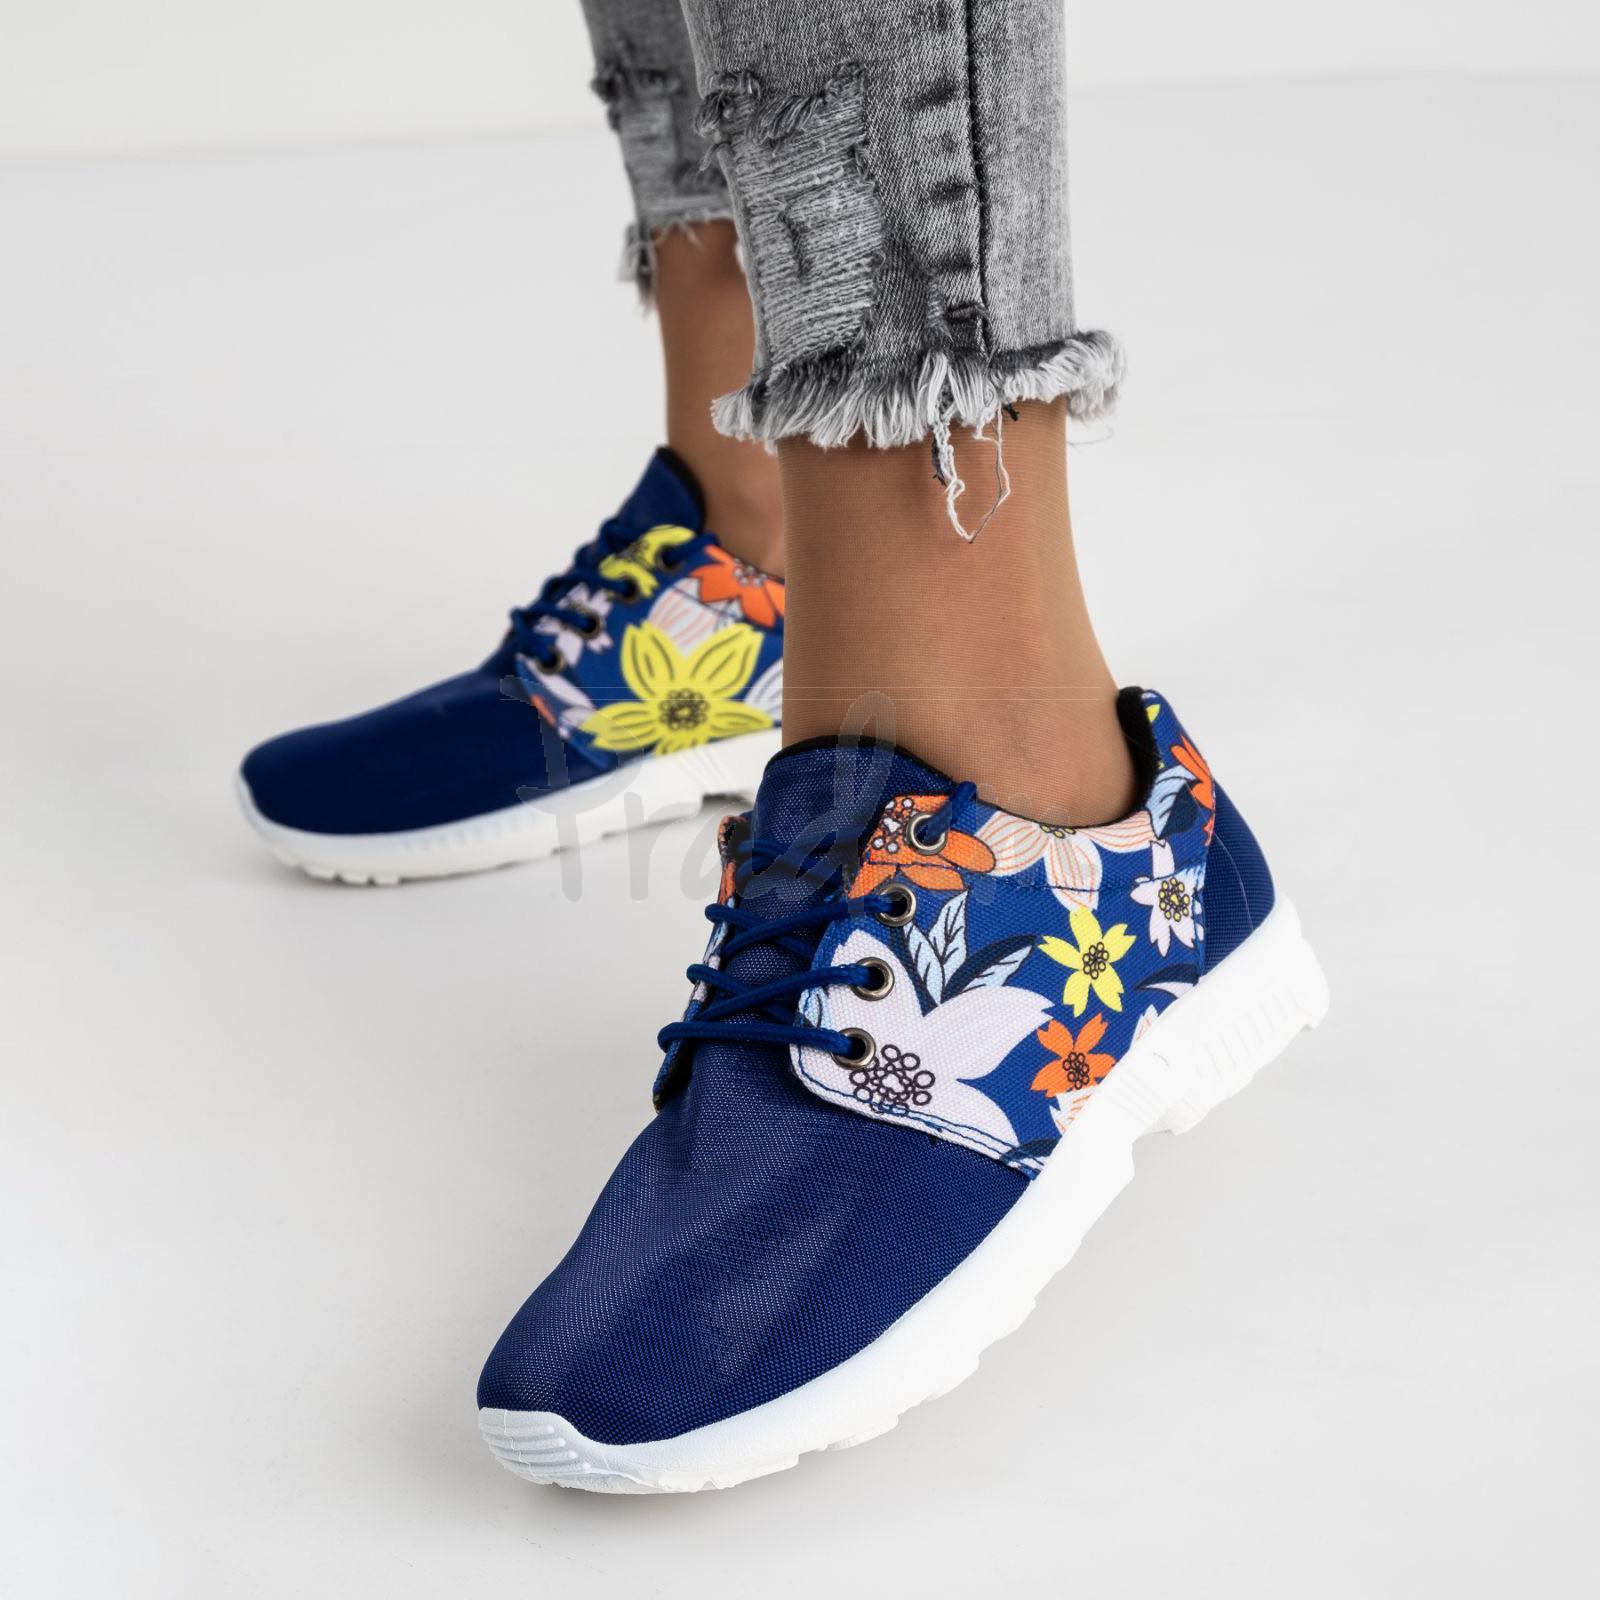 9585-3 синие женские кроссовки (8 ед. размеры: 36.37.38.38.39.39.40.41)